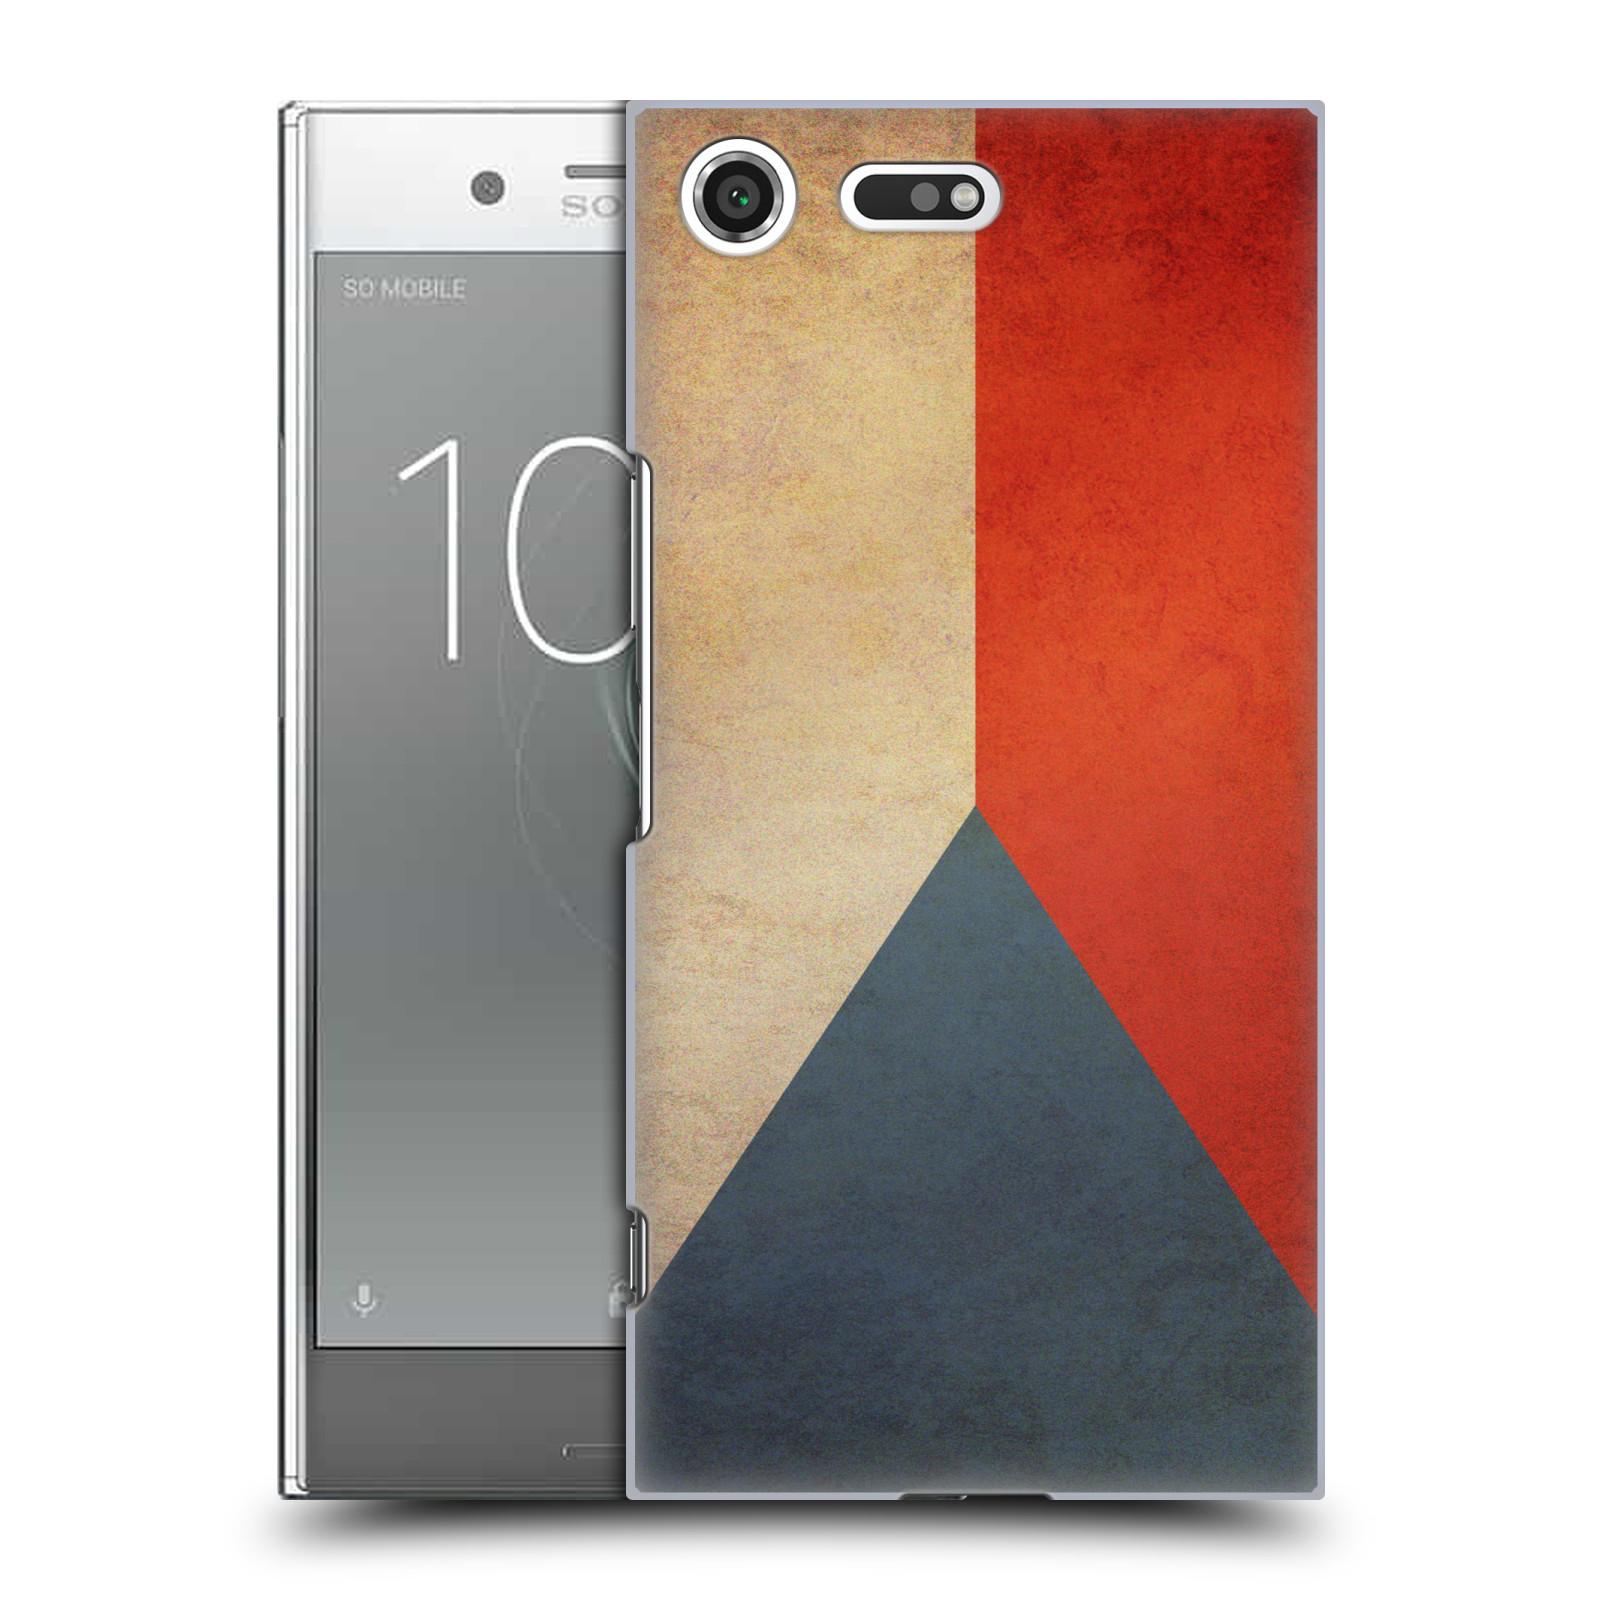 Plastové pouzdro na mobil Sony Xperia XZ Premium Head Case - VLAJKA ČESKÁ REPUBLIKA (Plastový kryt či obal na mobilní telefon Sony Xperia XZ Premium G8142)